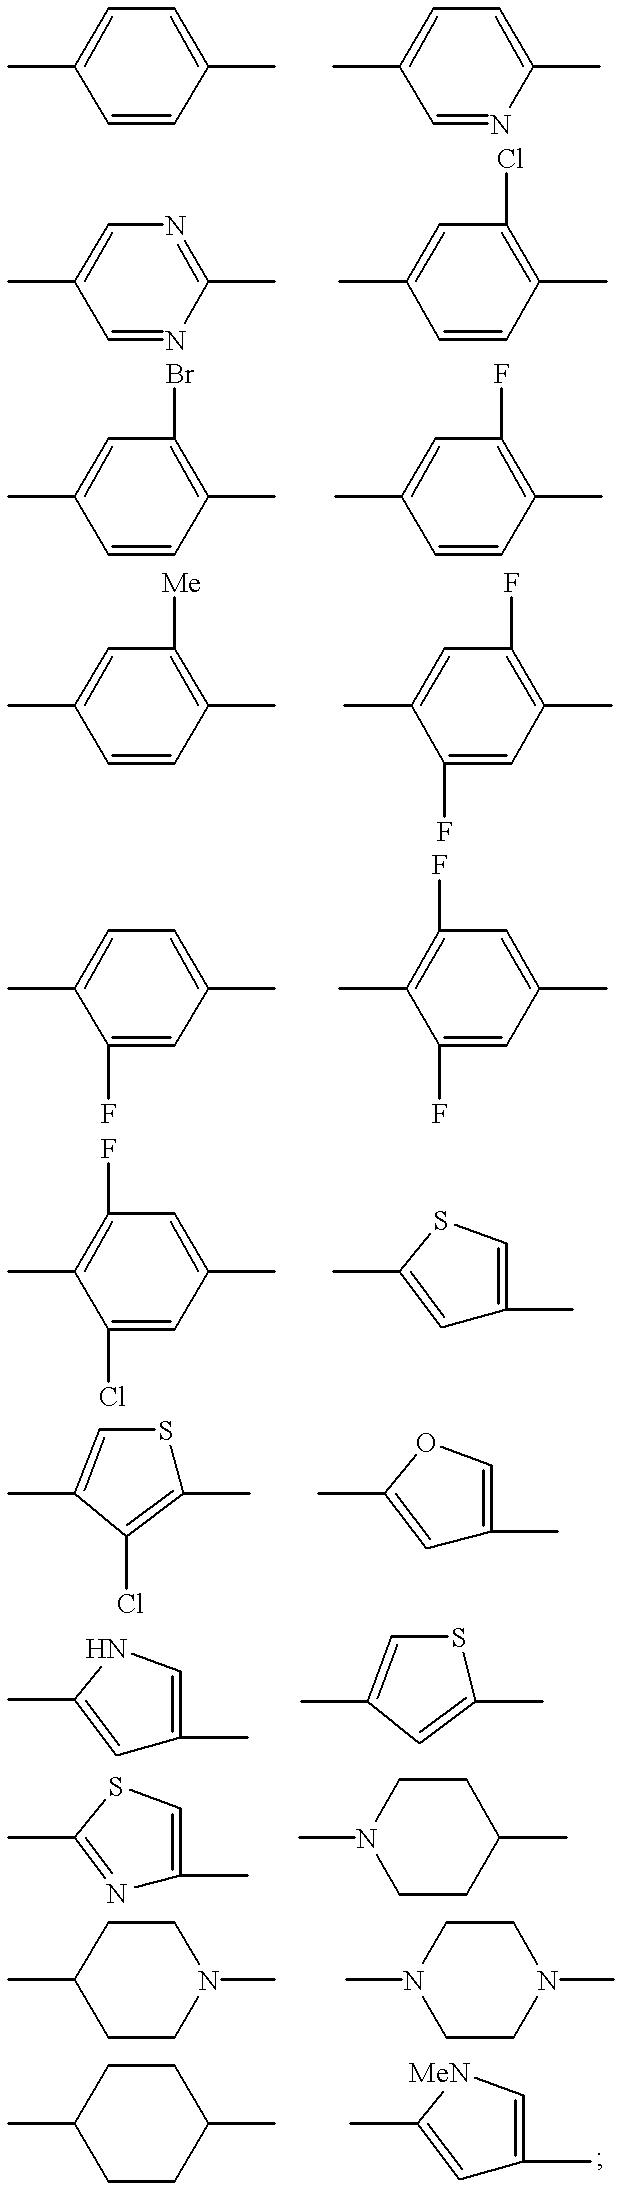 Figure US06376515-20020423-C00004